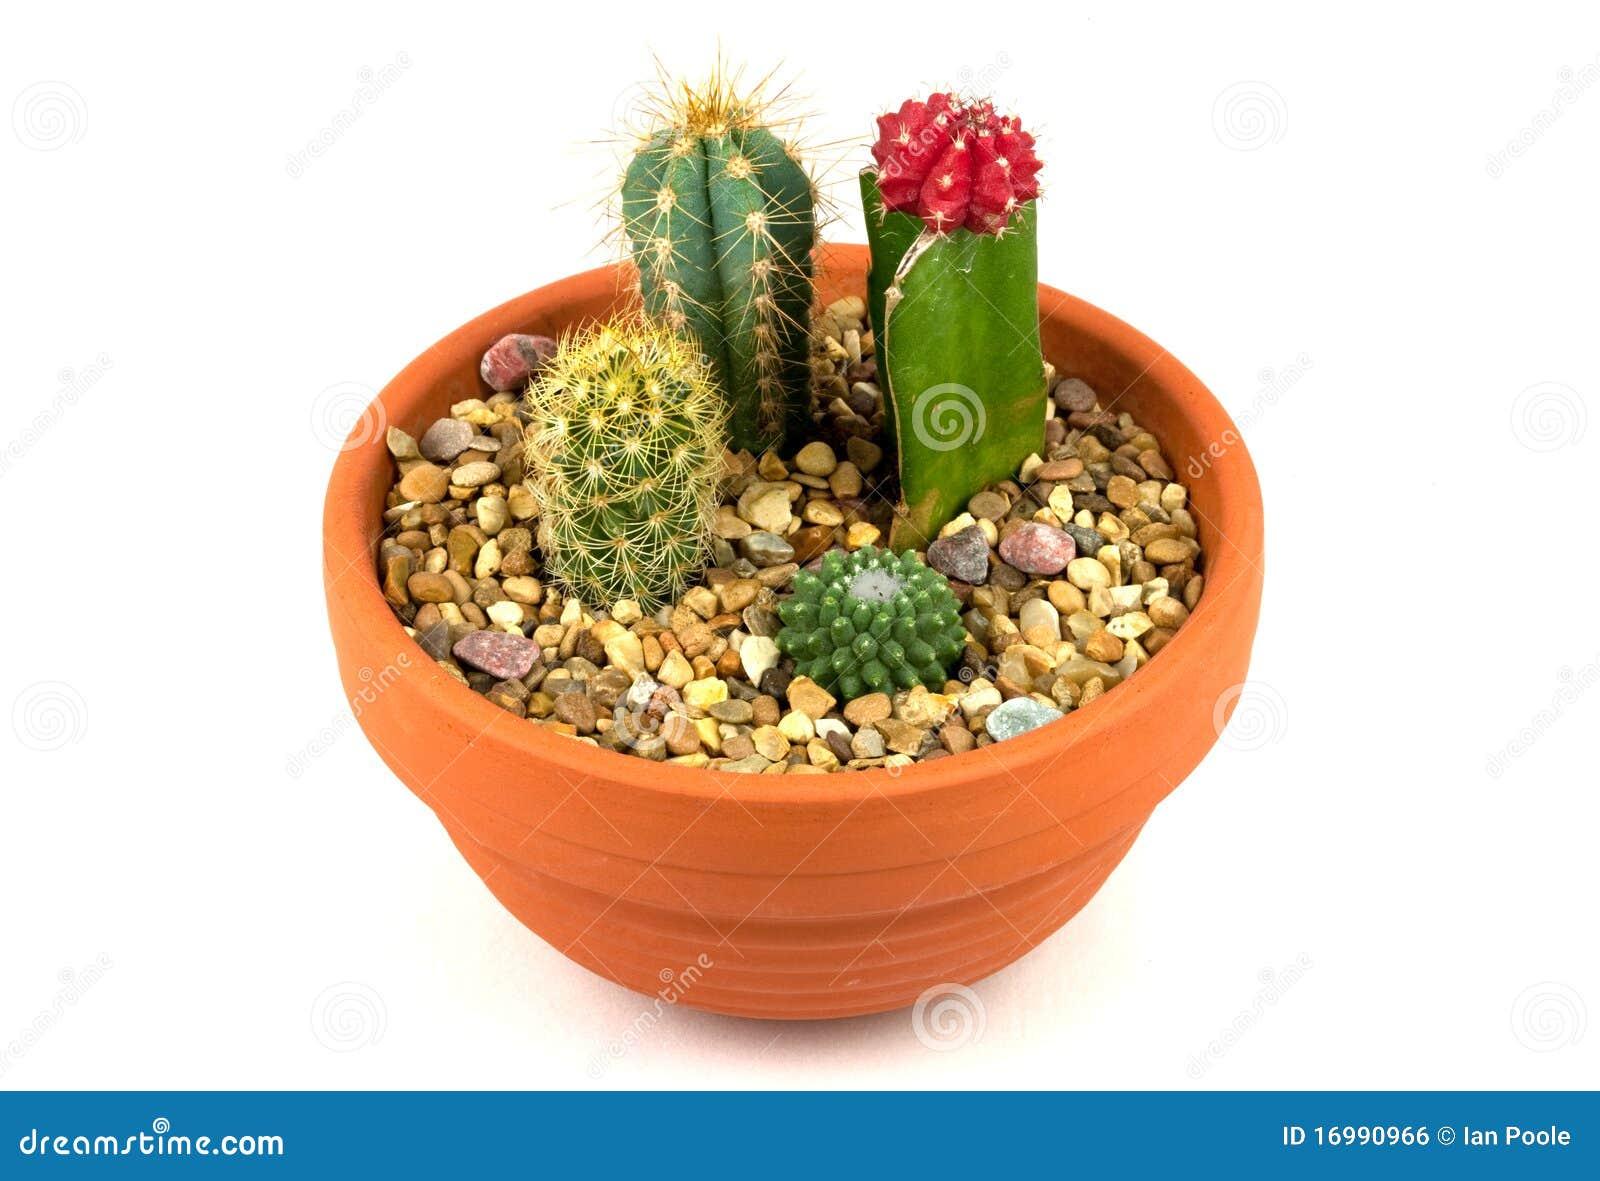 plantes en pot de cactus image libre de droits image. Black Bedroom Furniture Sets. Home Design Ideas